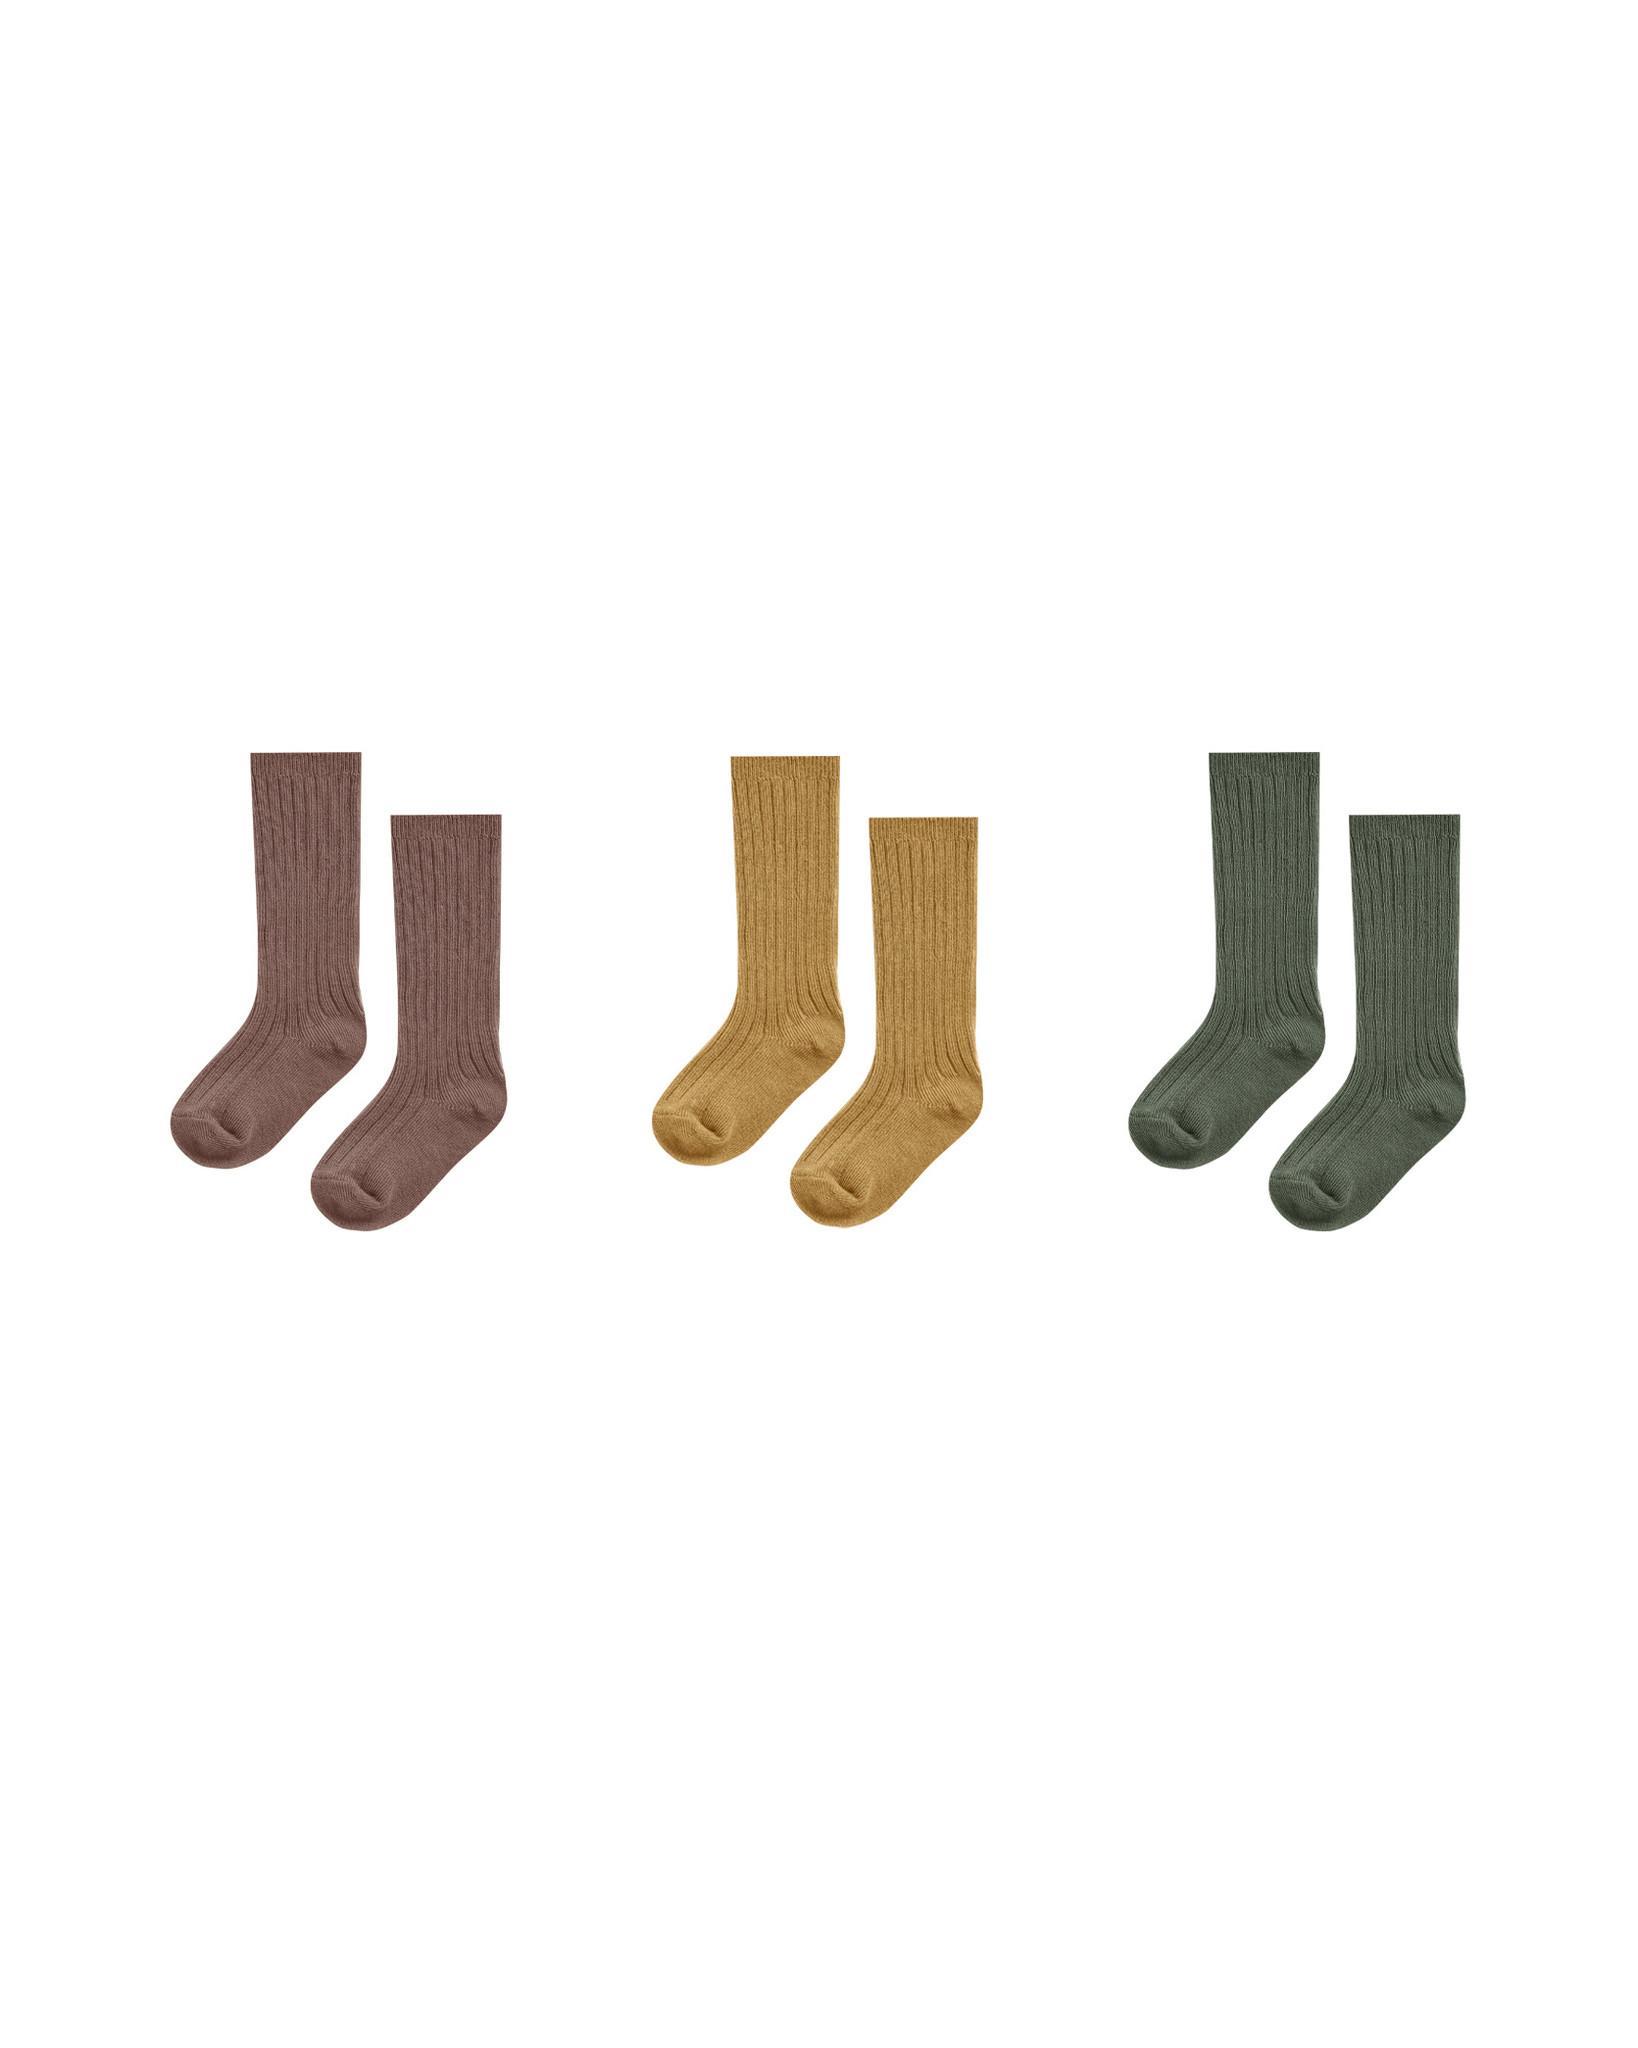 Rylee & Cru Knee Sock Set: Wine, Goldenrod, Forest